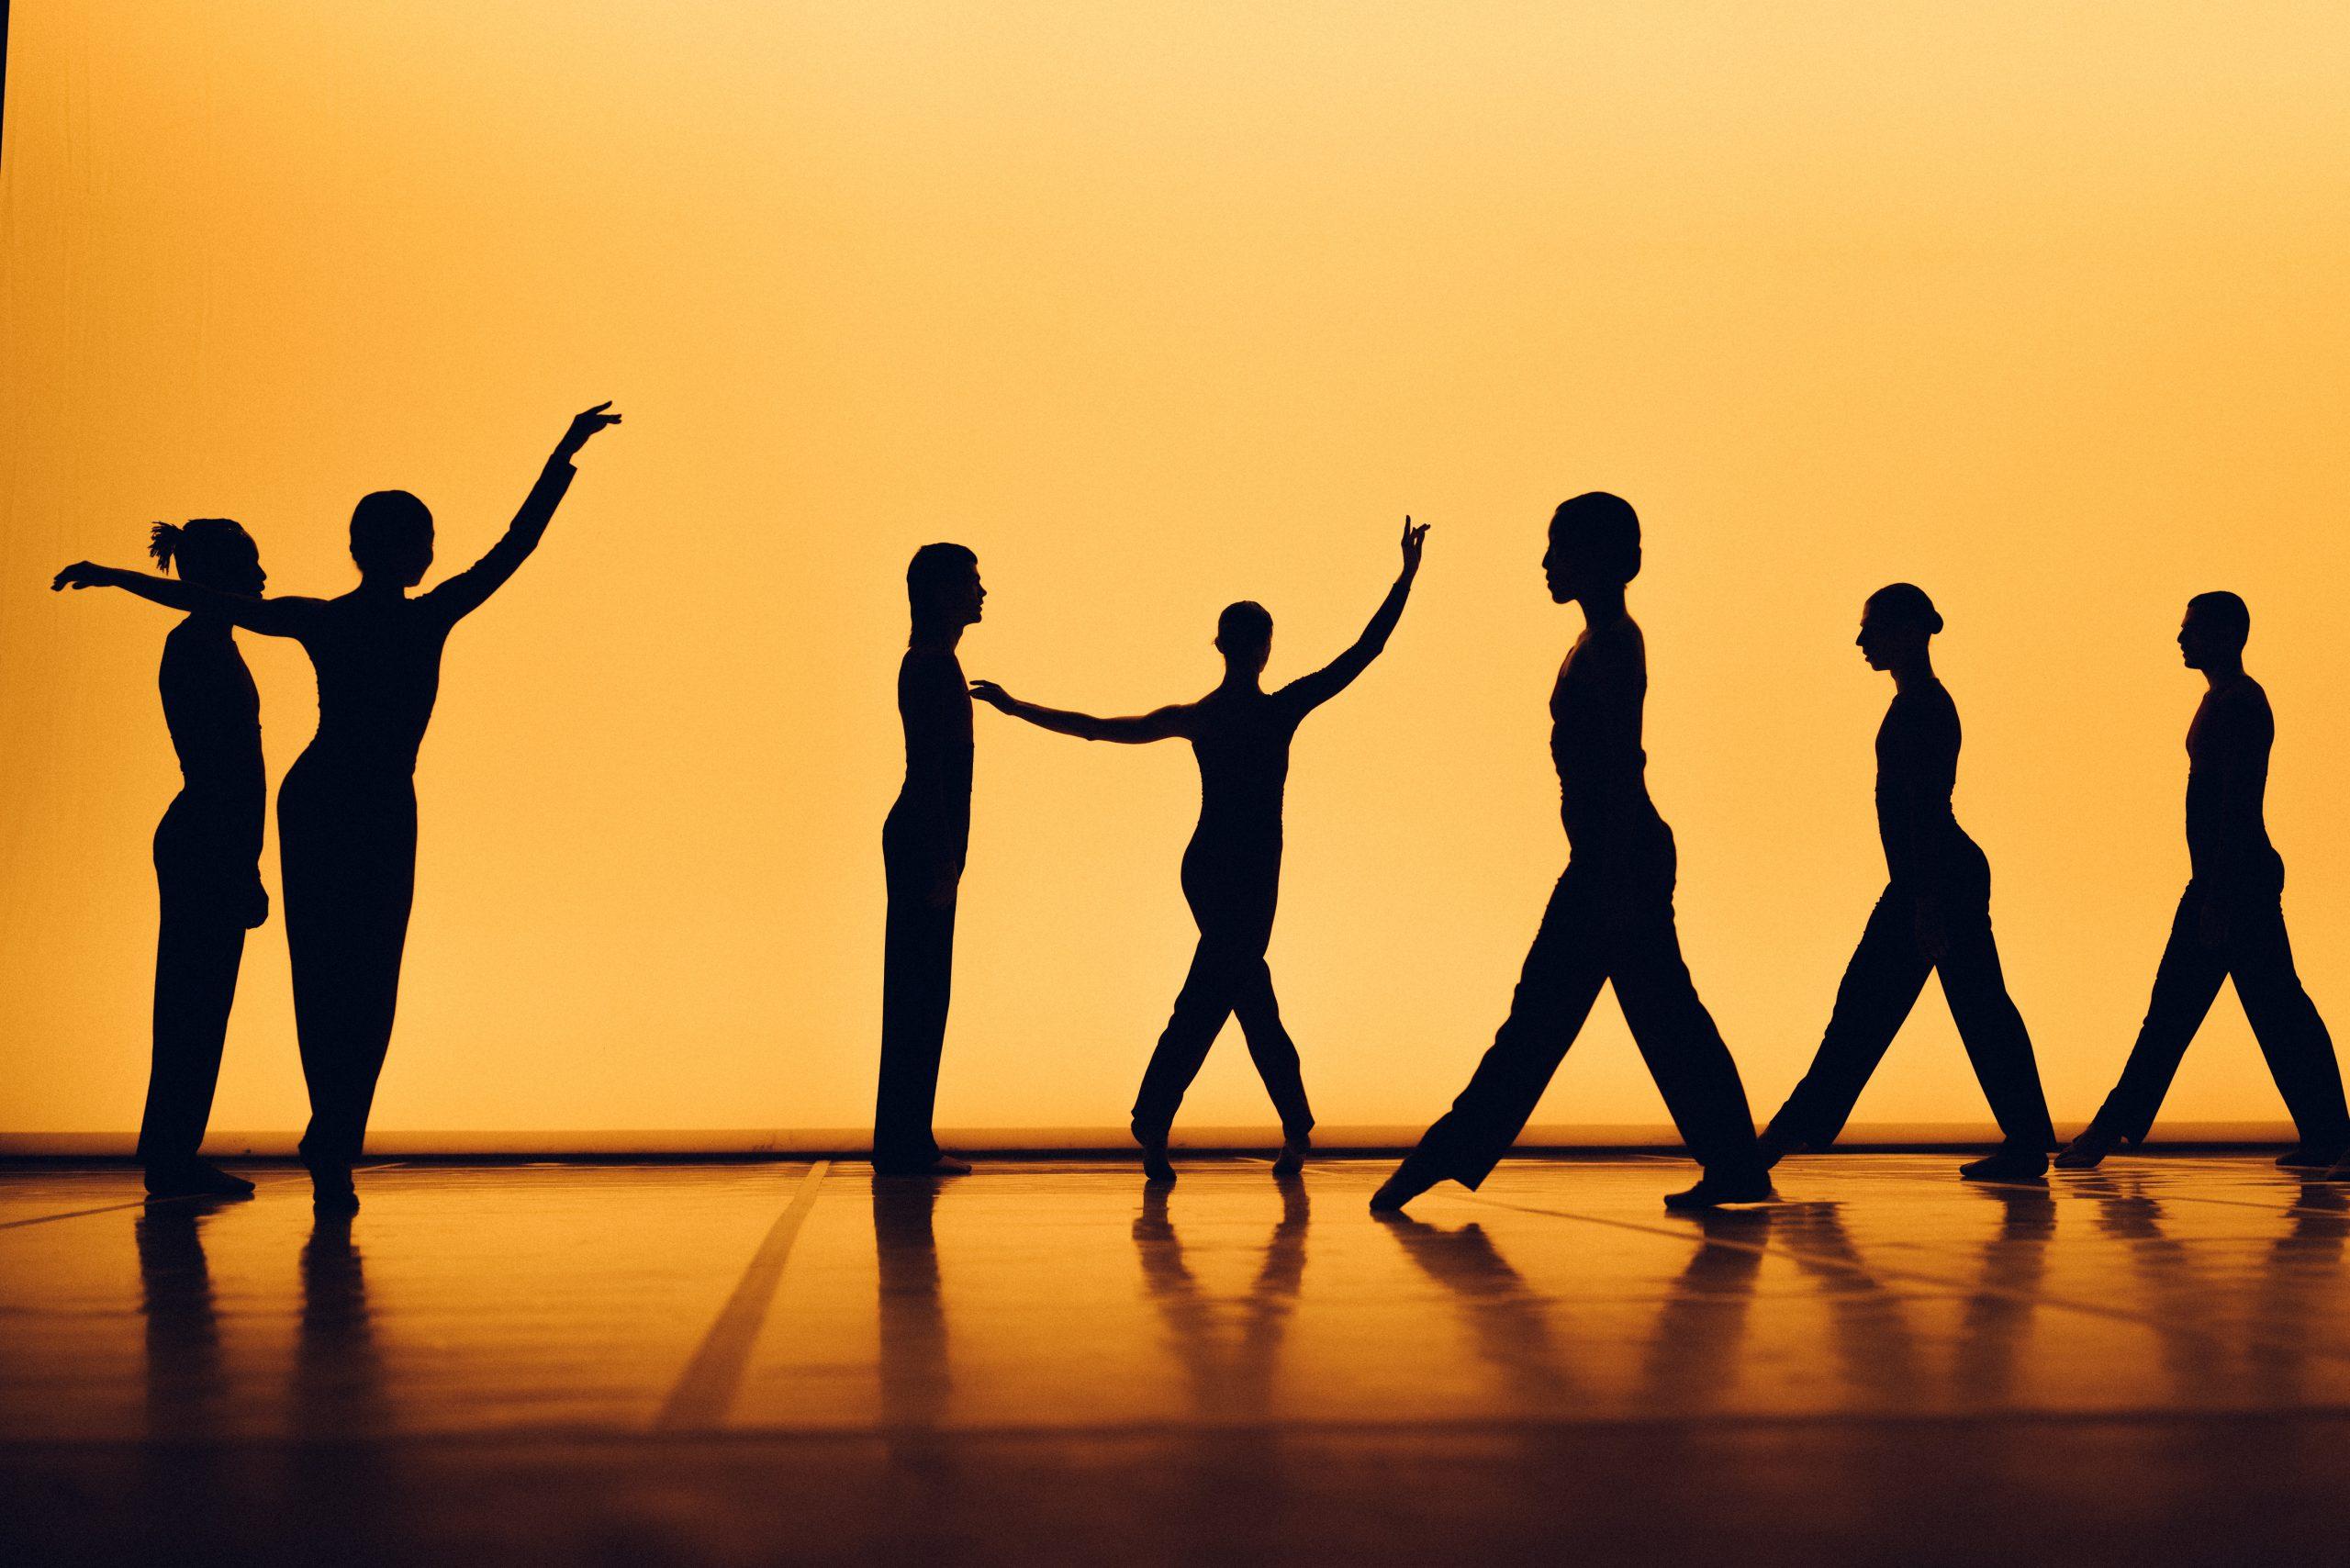 Al Festival Bolzano Danza la morte ingiusta dei cigni di Radhouane El Meddeb e il Balletto National de Marseille con una serata a quattro firme: Childs, Carvalho, Ninja, Doherty.